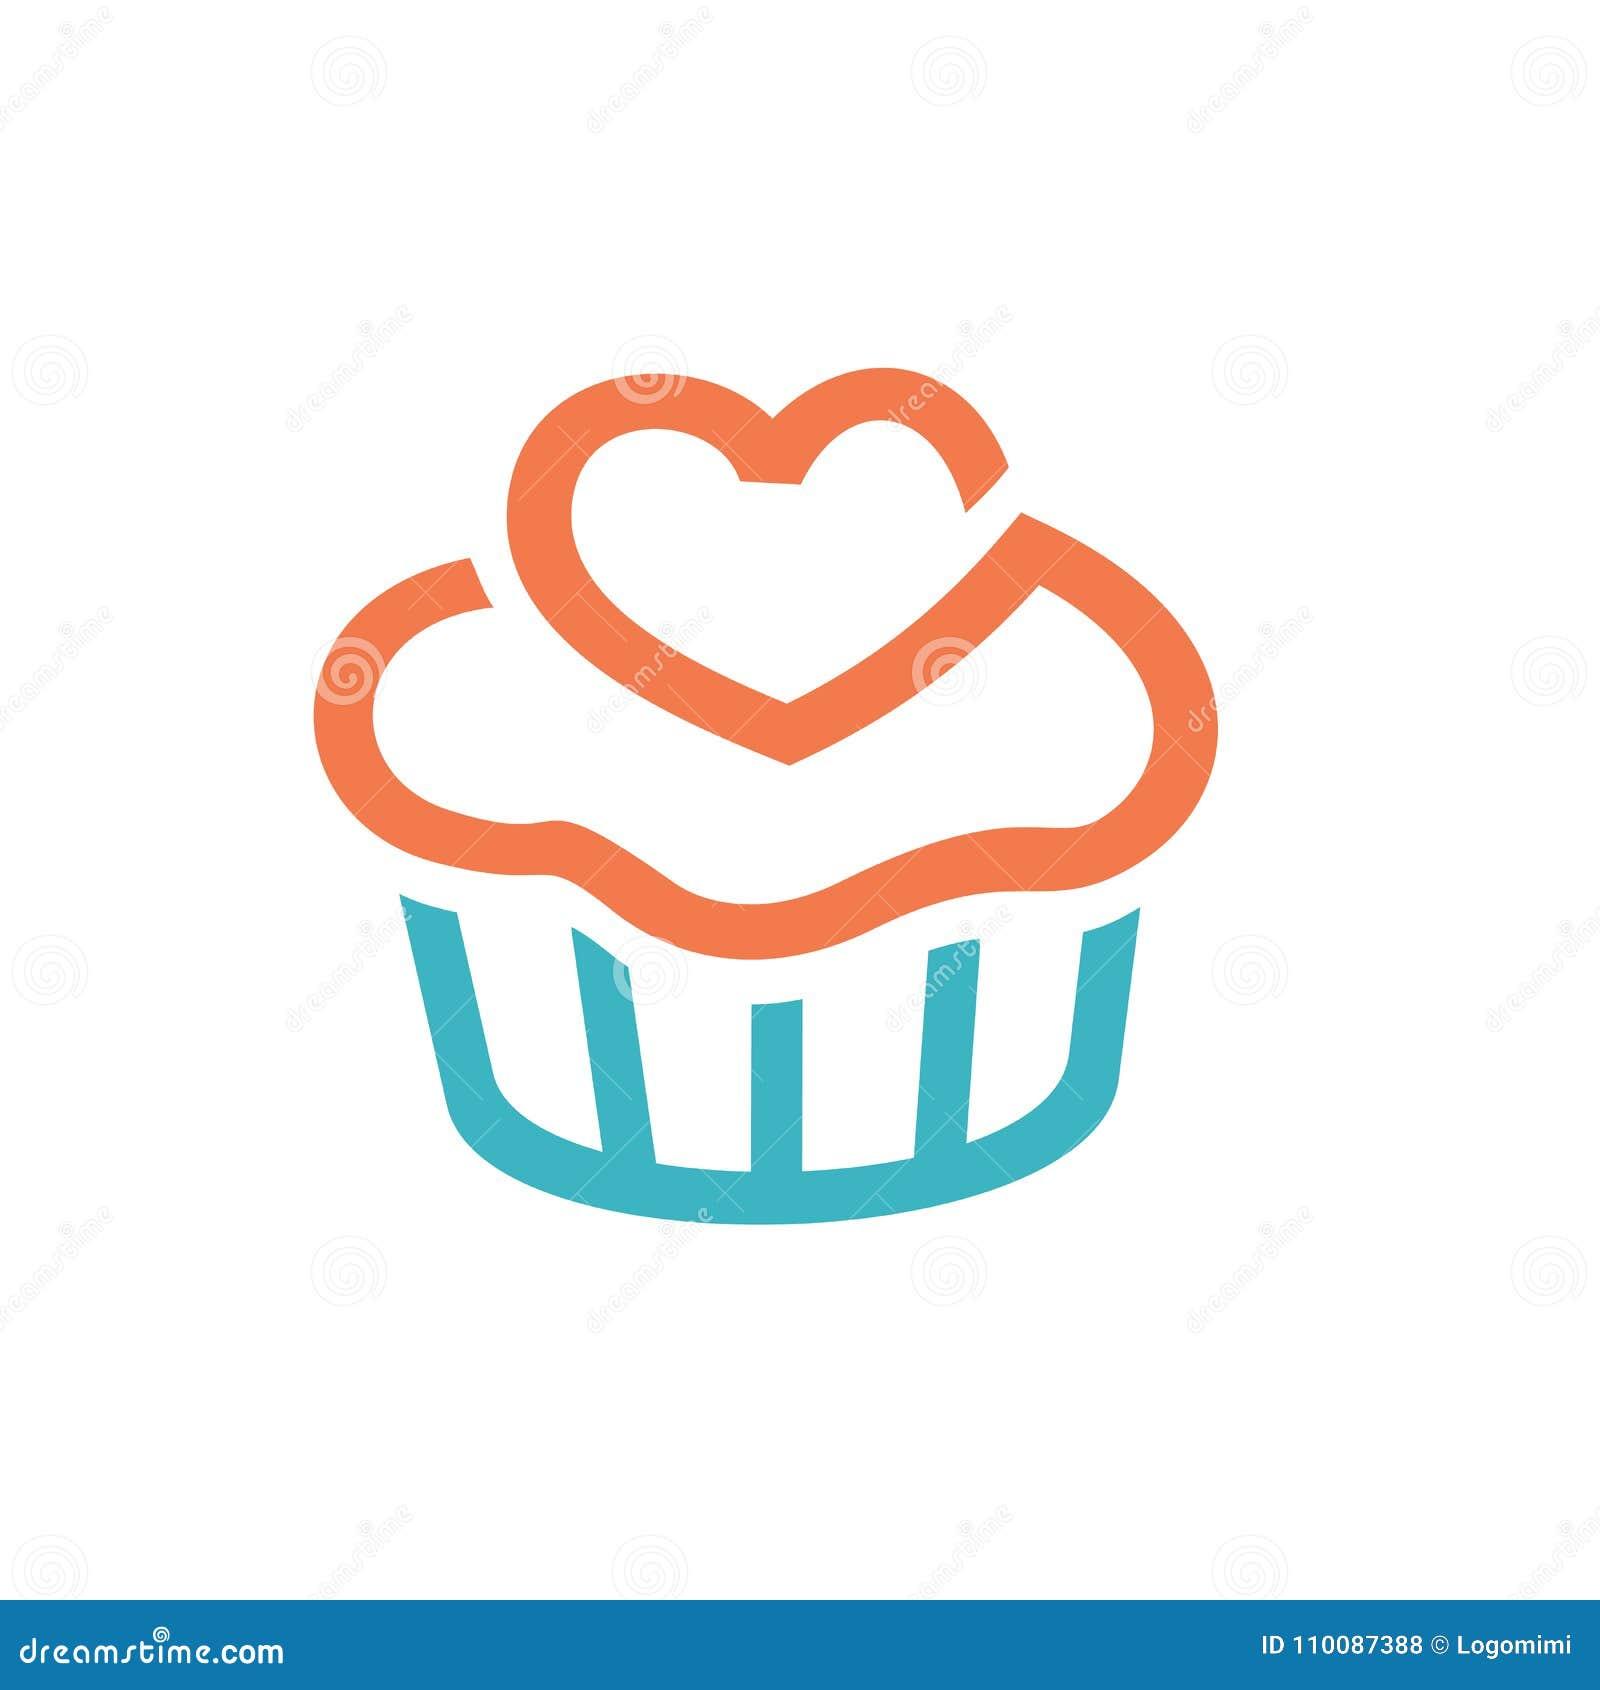 杯形蛋糕象,商标元素 干净和简单的象商标模板,适用于面包店事务,咖啡馆,餐馆,演播室,队,